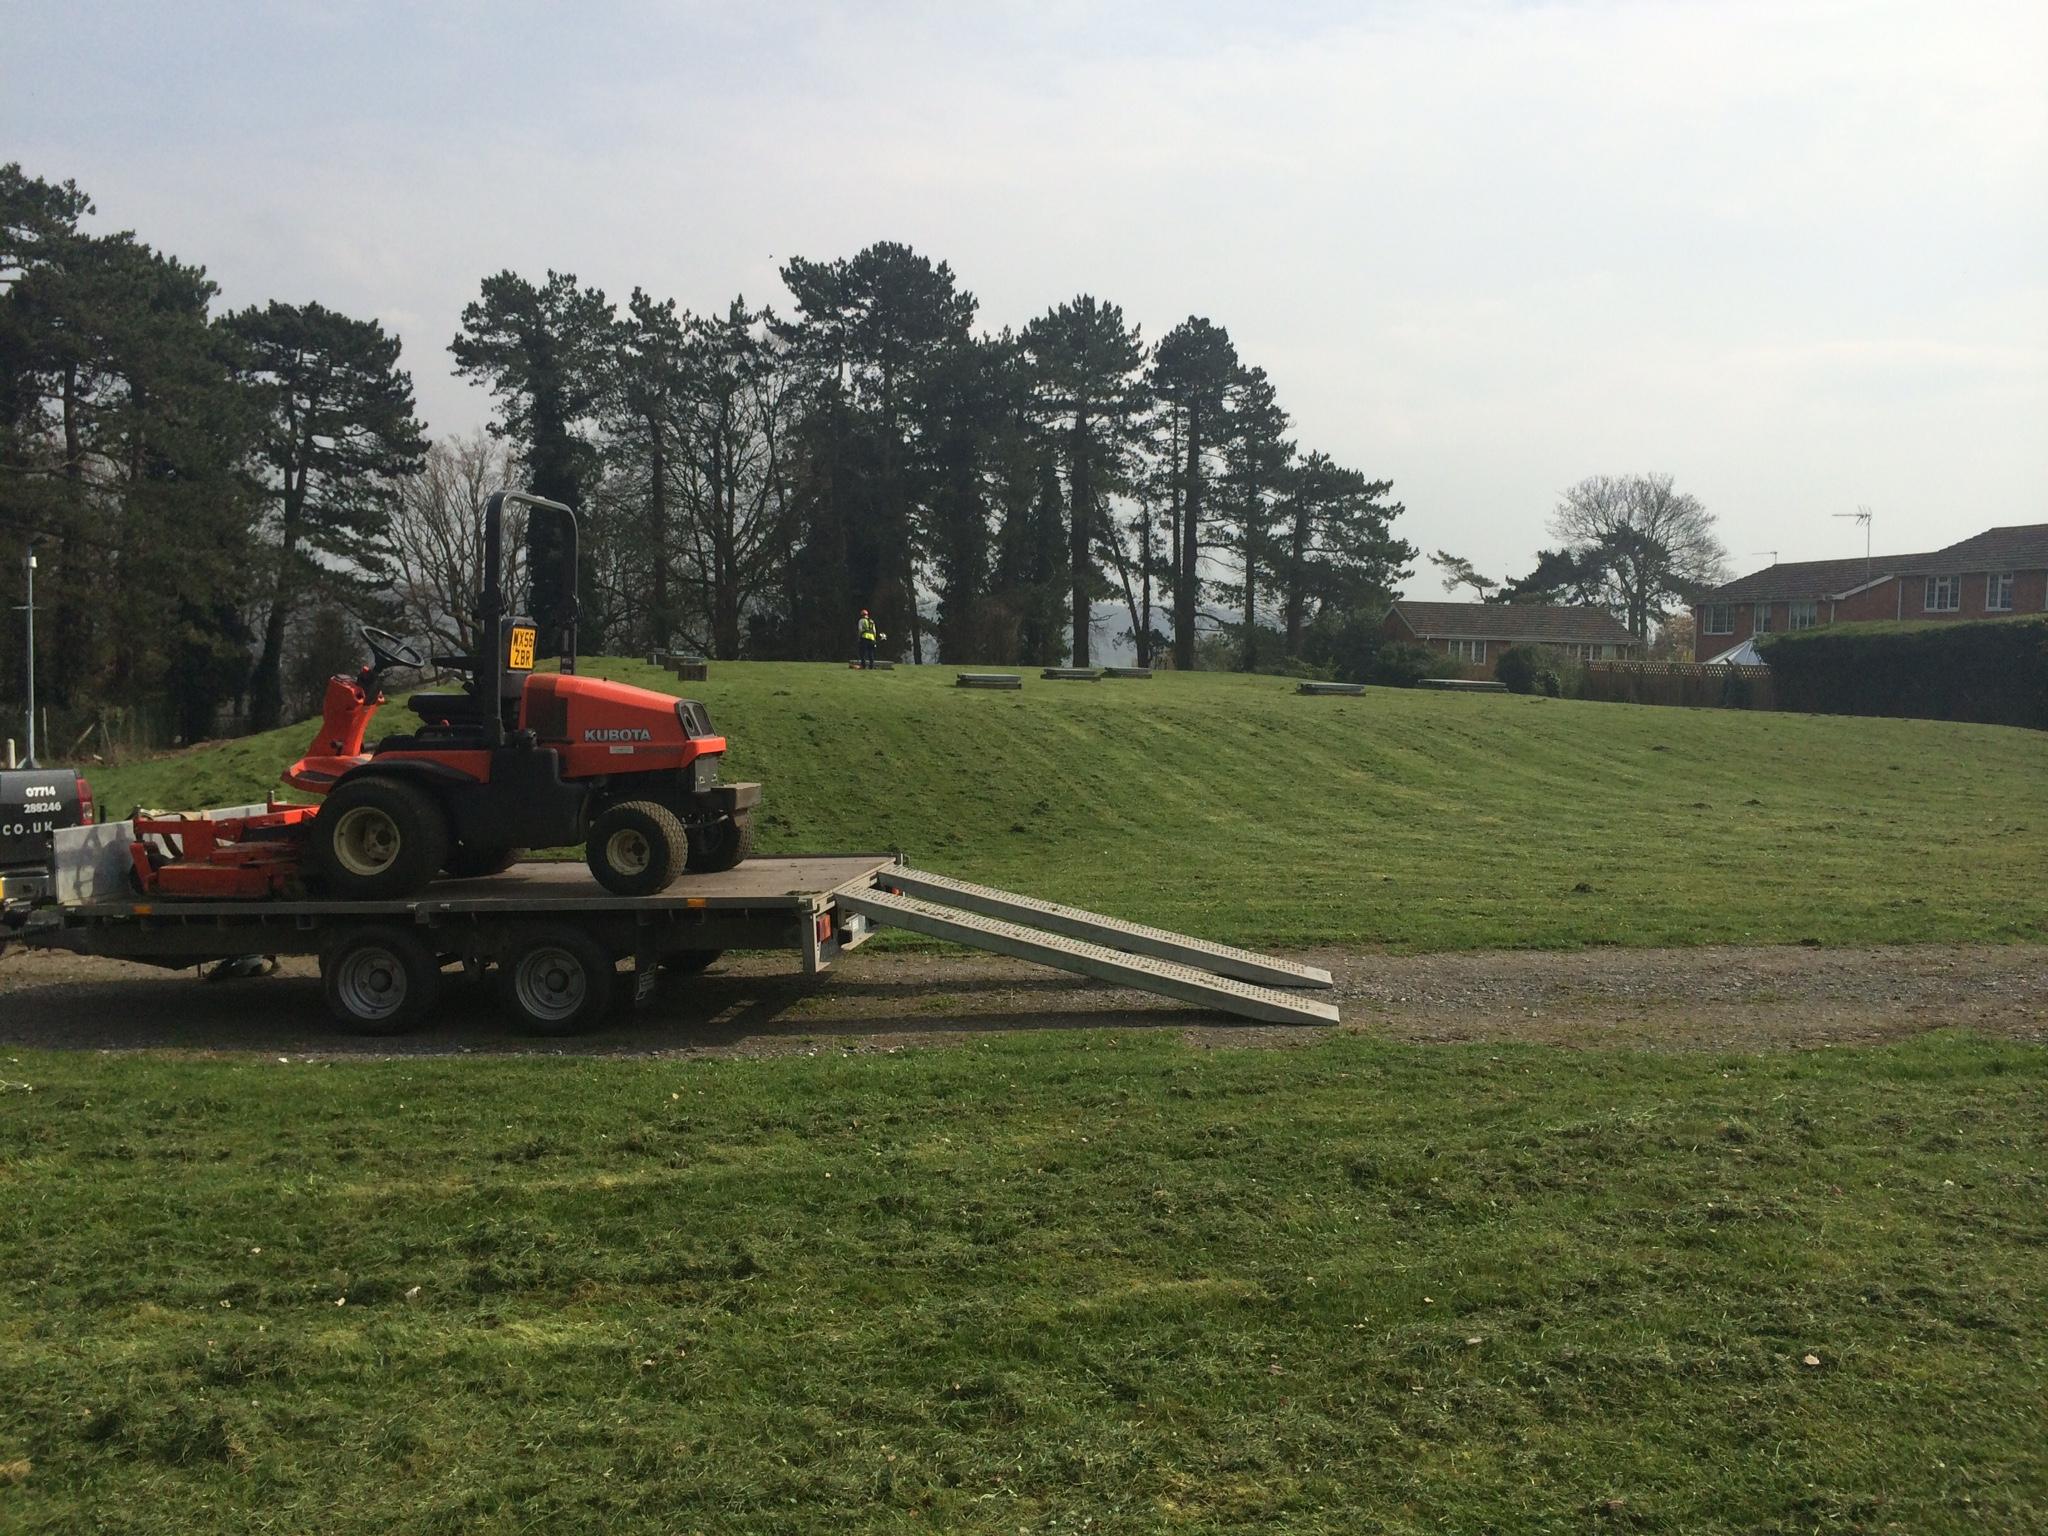 Grounds Maintenance machinery